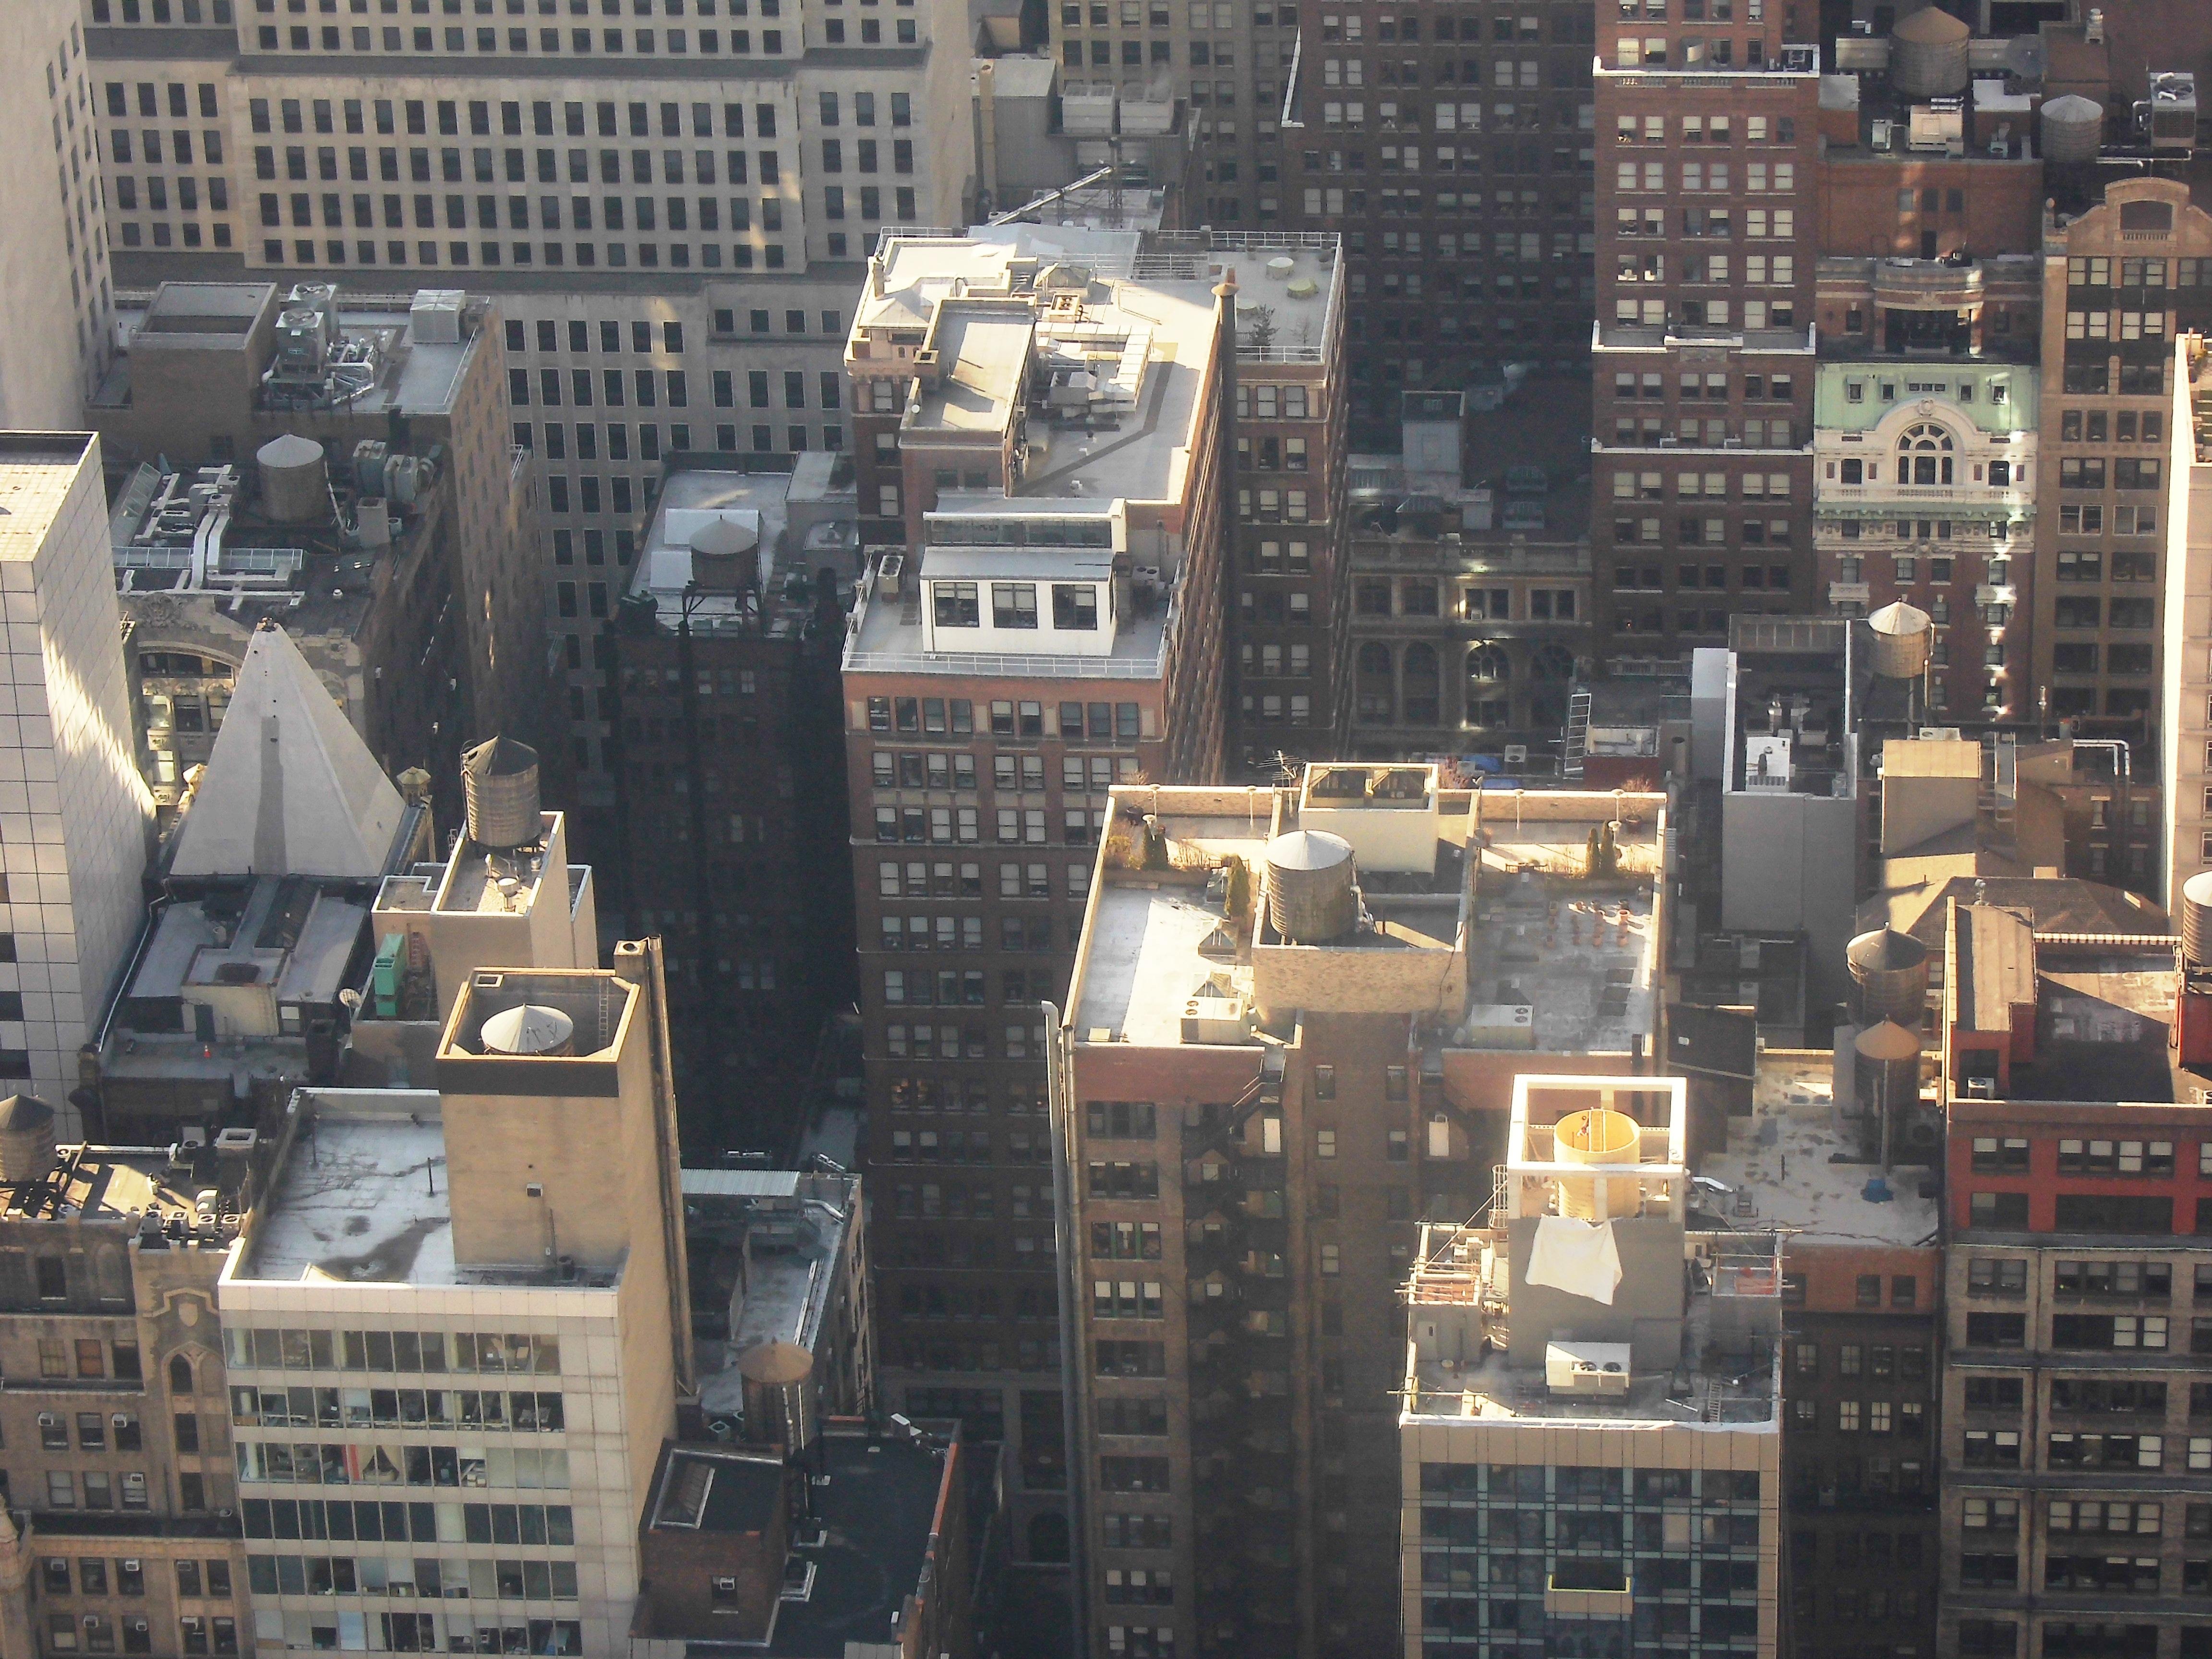 manhattan nueva york paisaje urbano centro de la ciudad estados unidos america fachada cerca bloque de pisos metrpoli barrio gran manzana